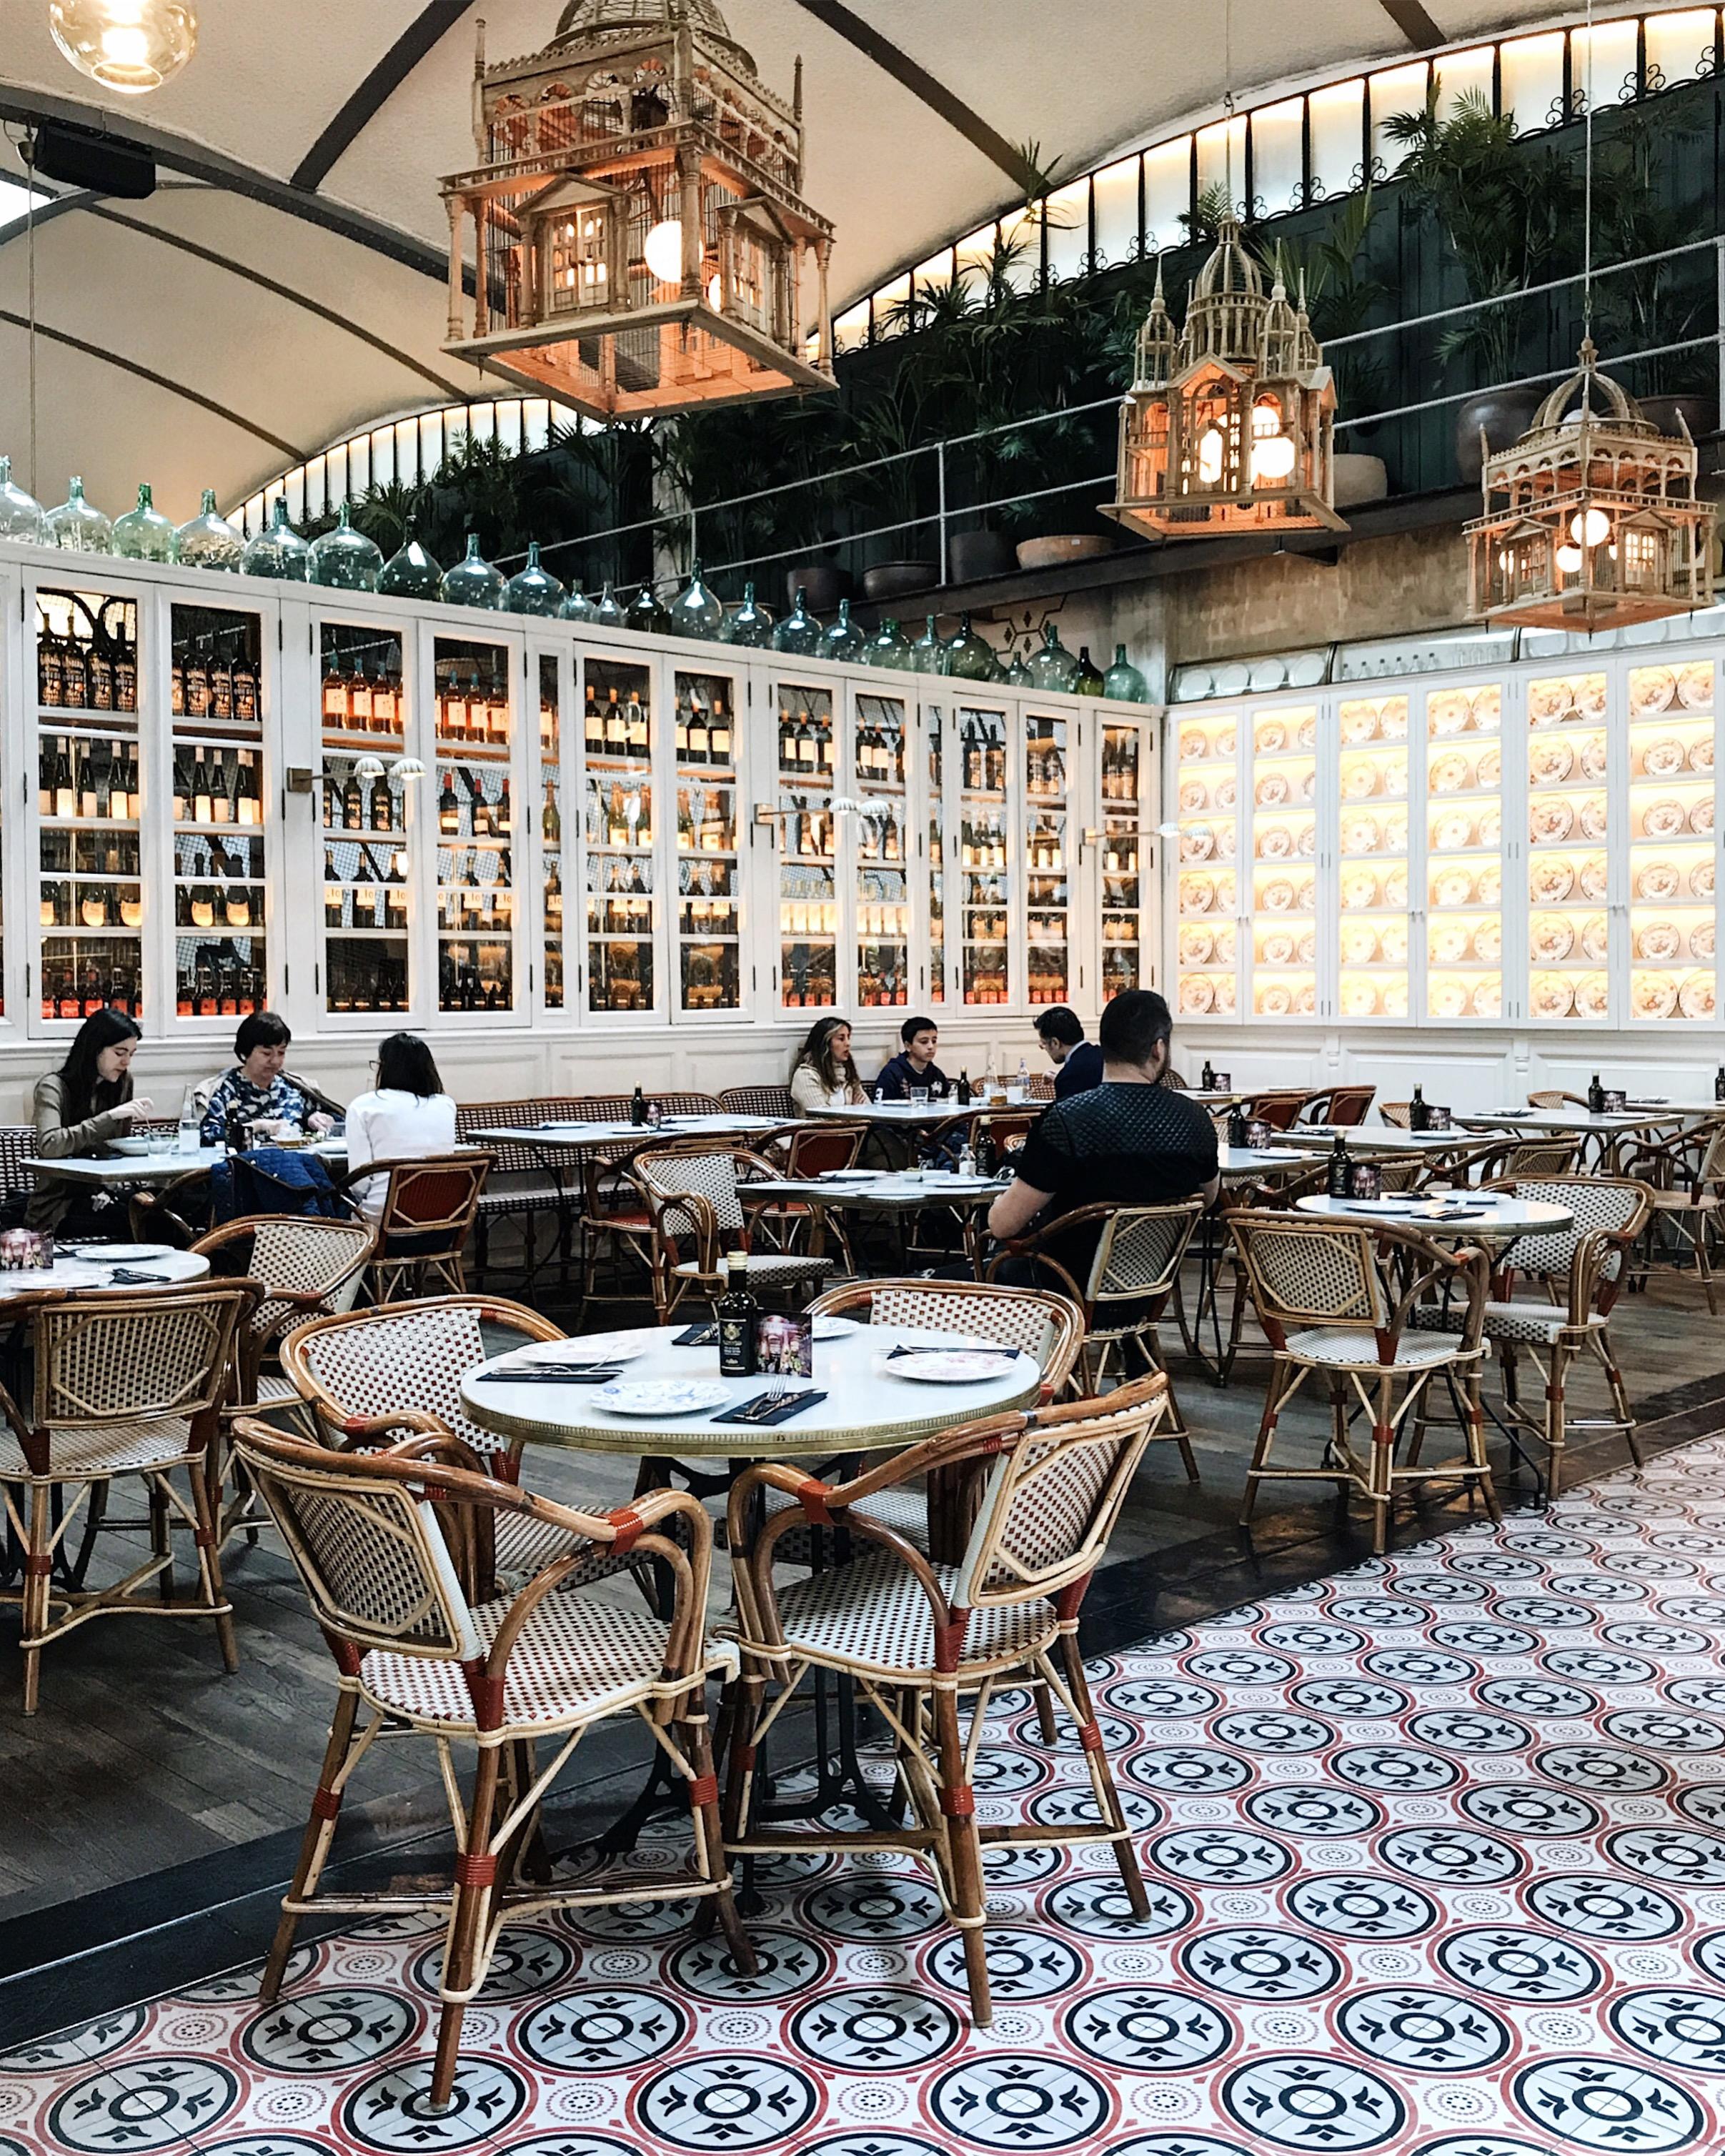 El Nacional restaurant